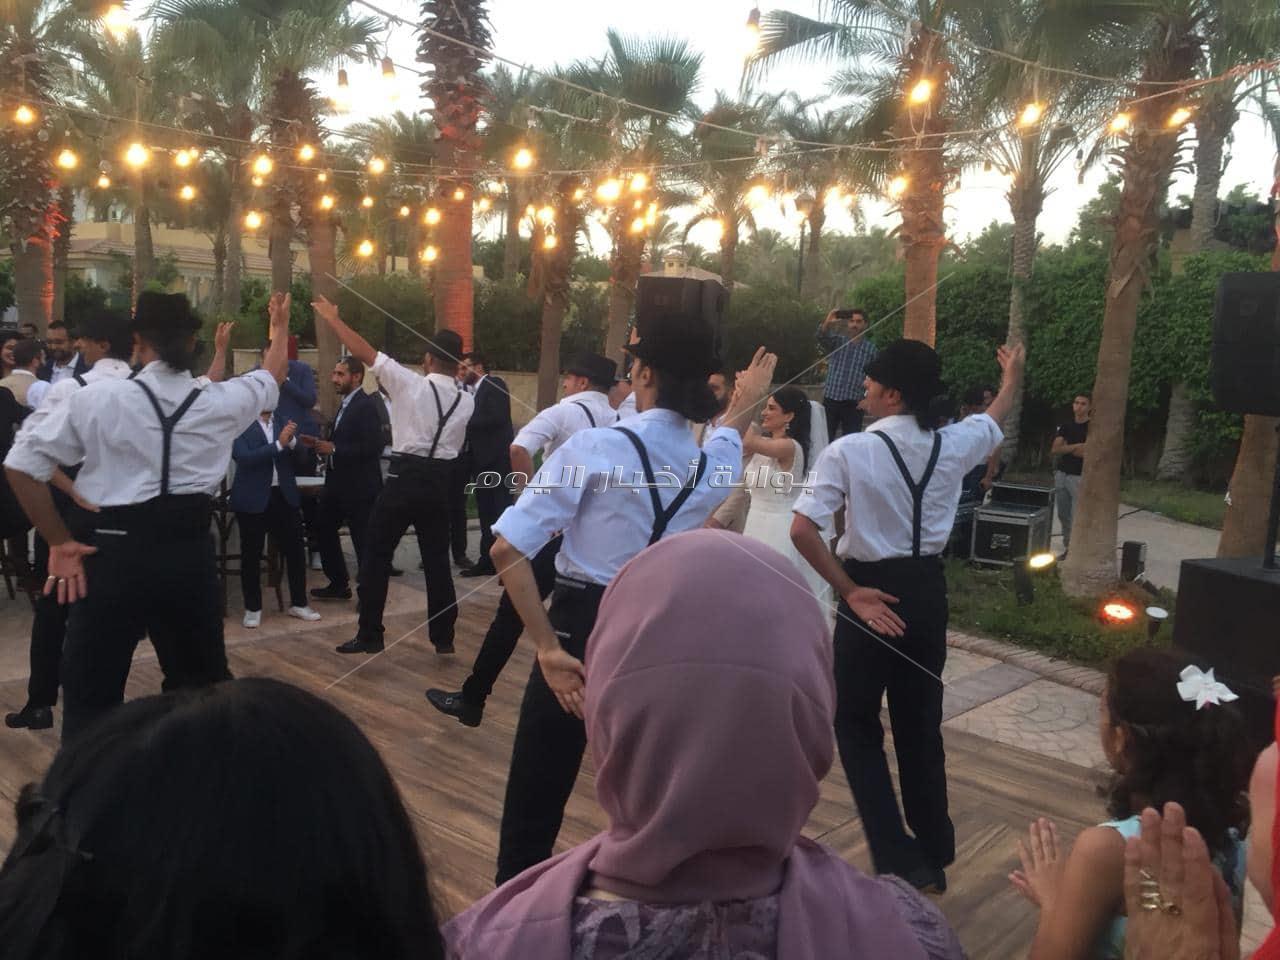 """حفل زفاف """" نور ومحمد """" في ليلة 6 أكتوبر بالقاهرة الجديدة"""